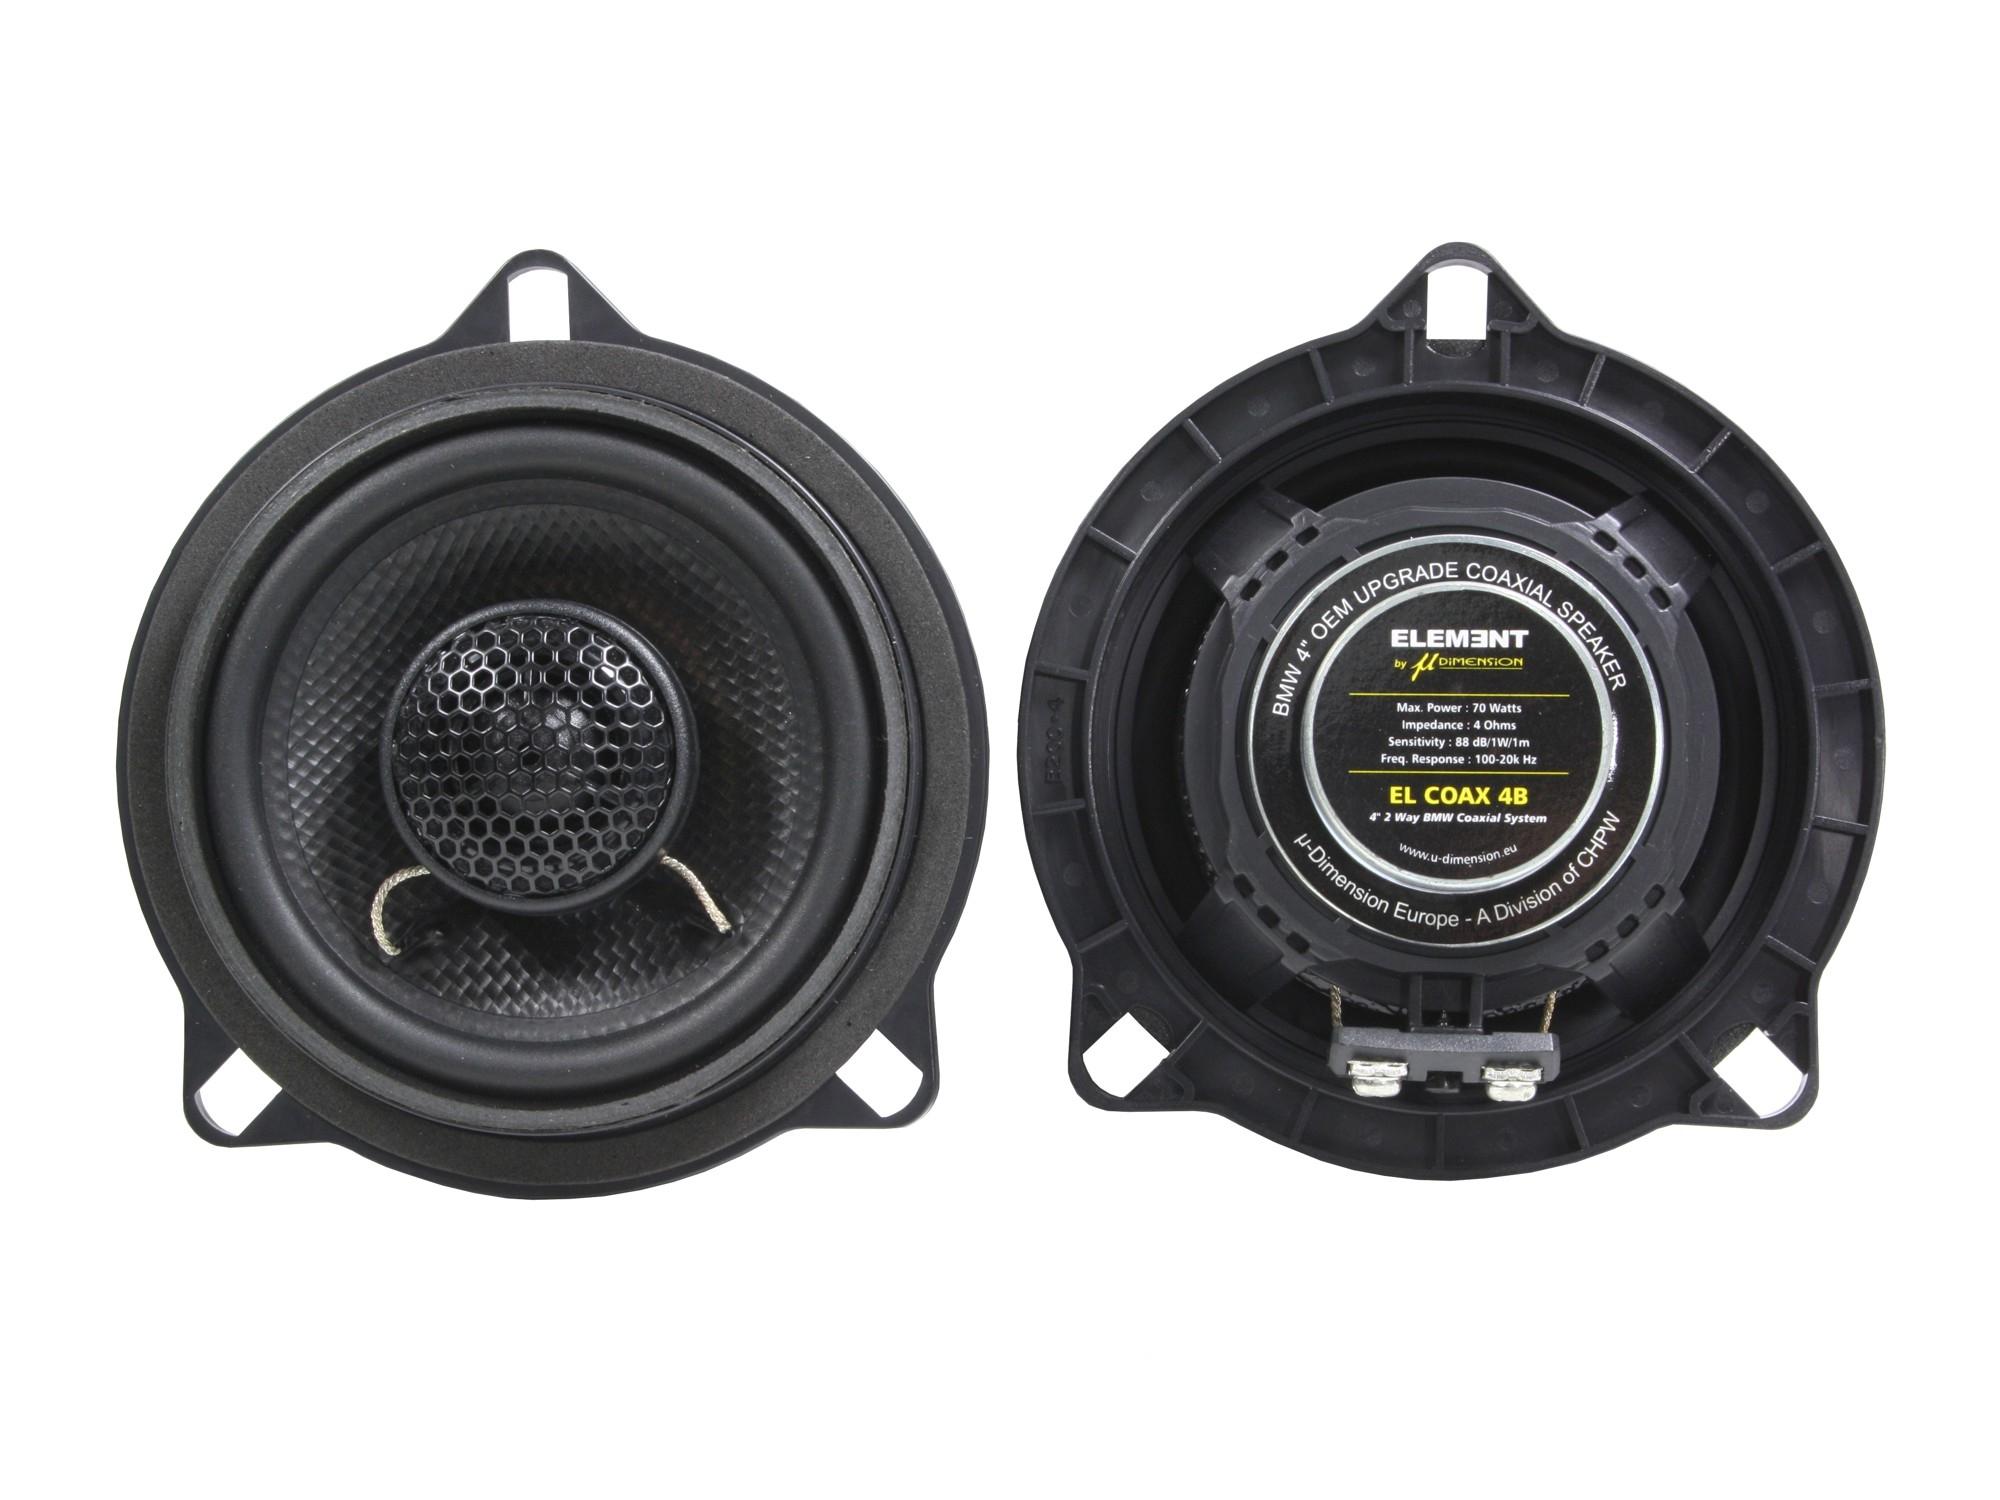 El coax 4 b / 10 cm bmw OEM upgrade